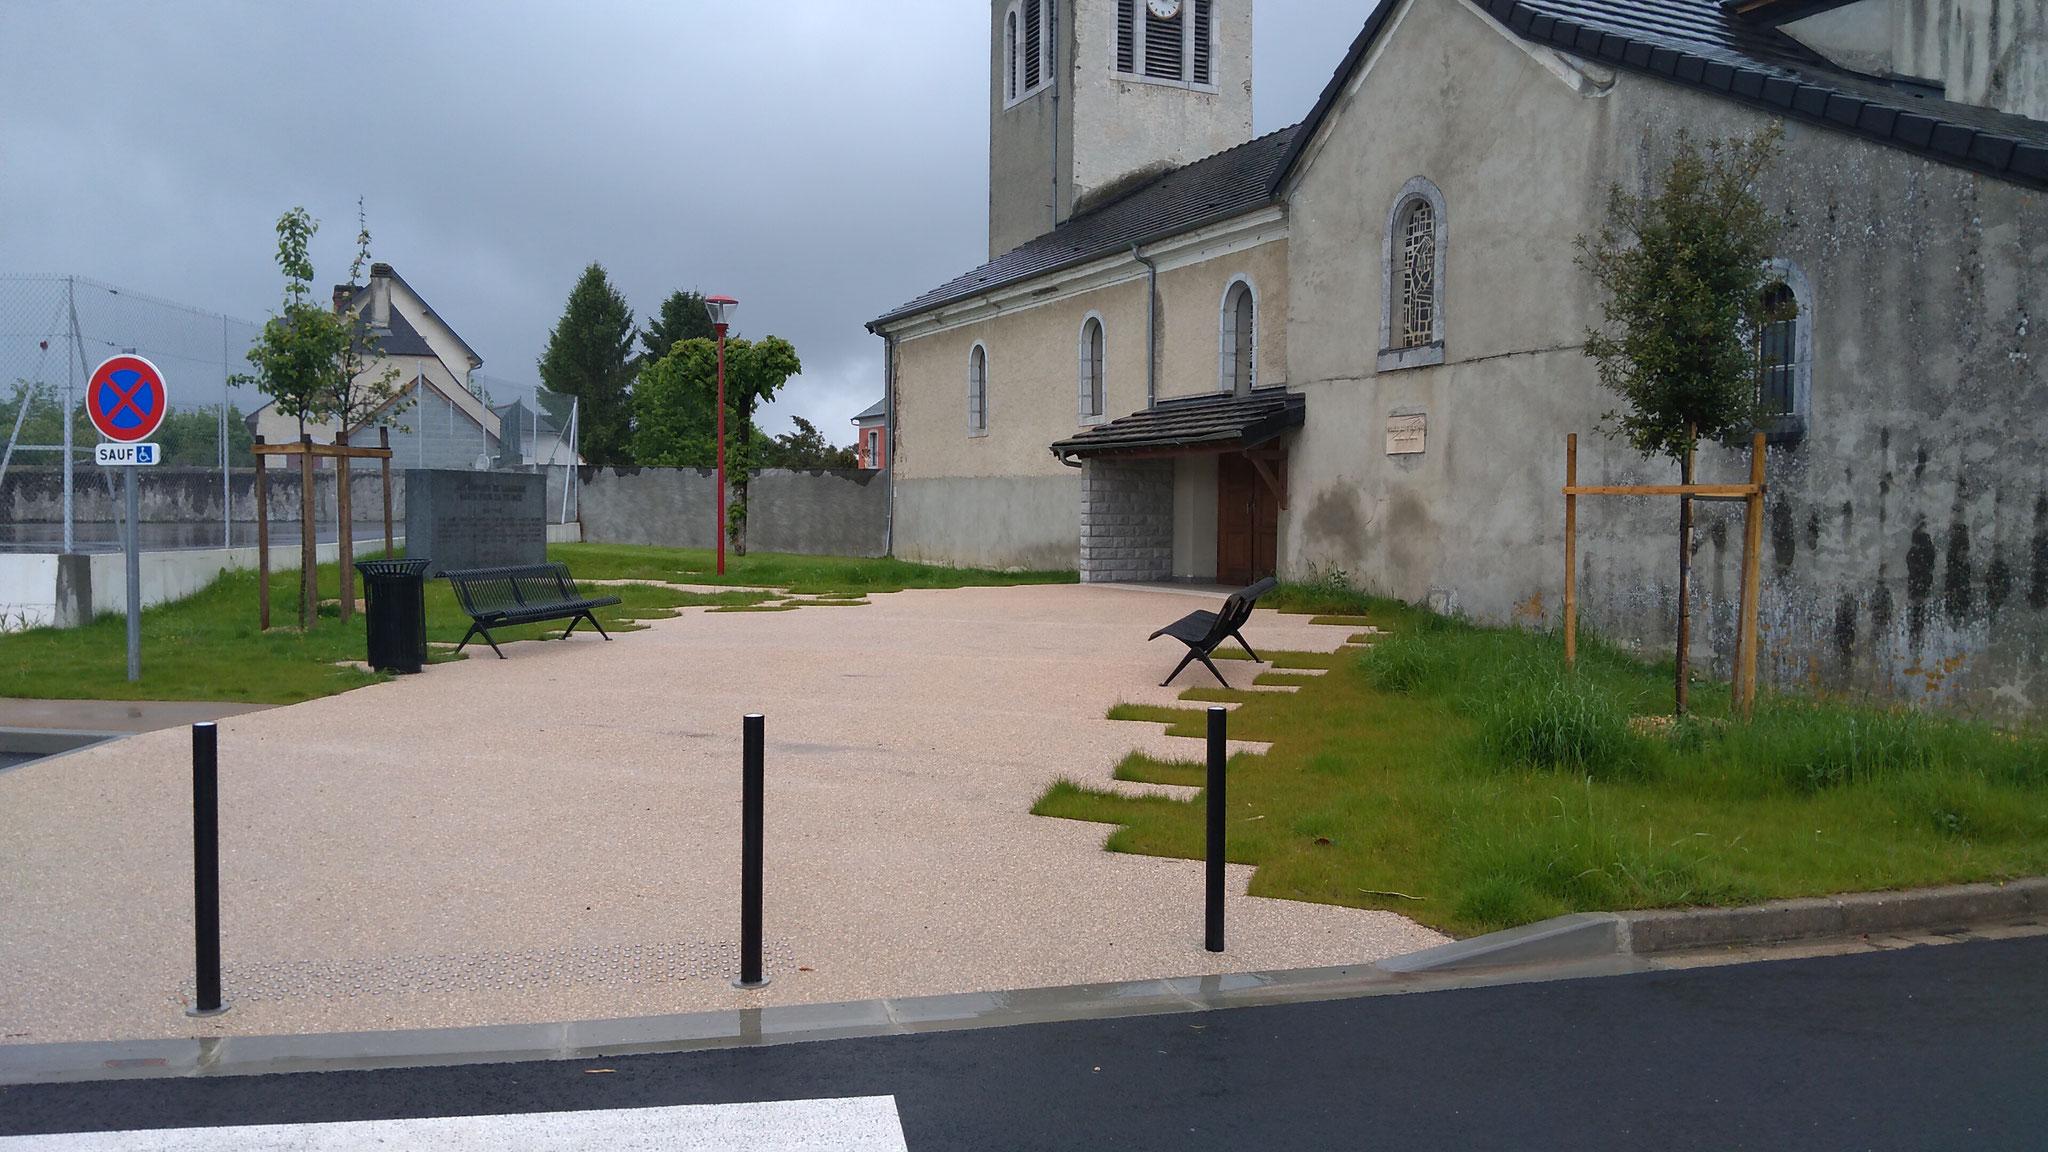 la place du 8 mai 1945 où est maintenant le monument aux morts qui doit être séparé du tennis par une haie fleurie